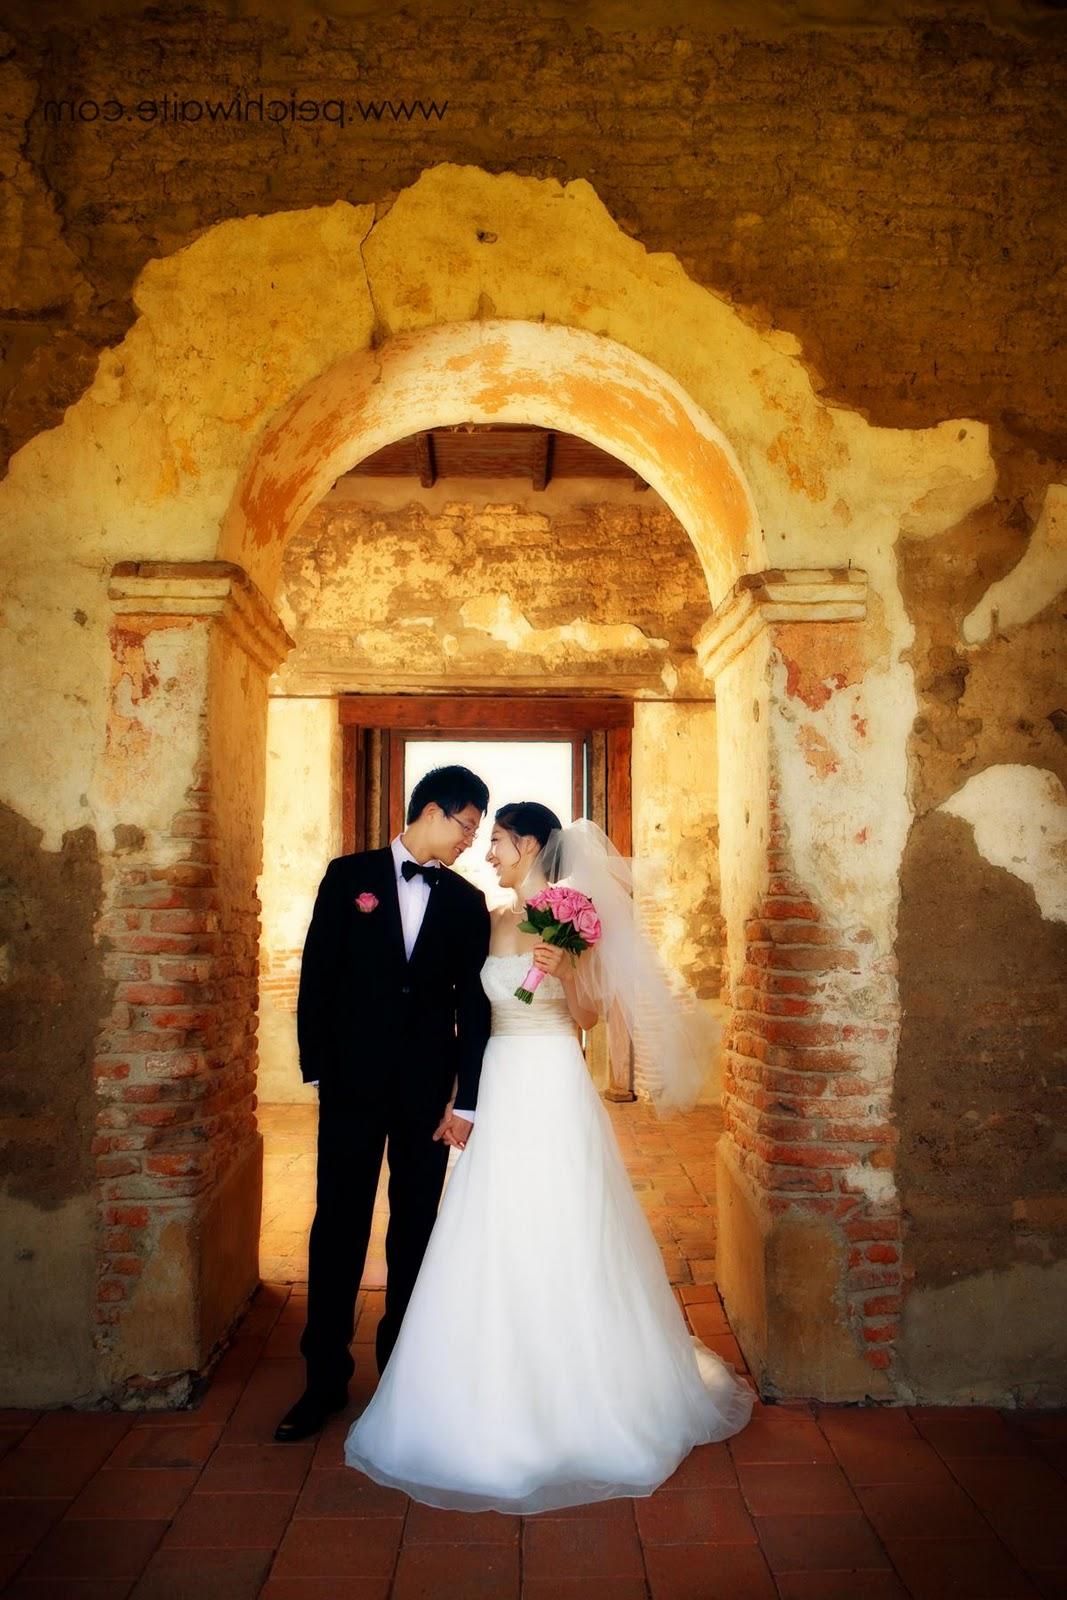 Monique Lhuillier wedding